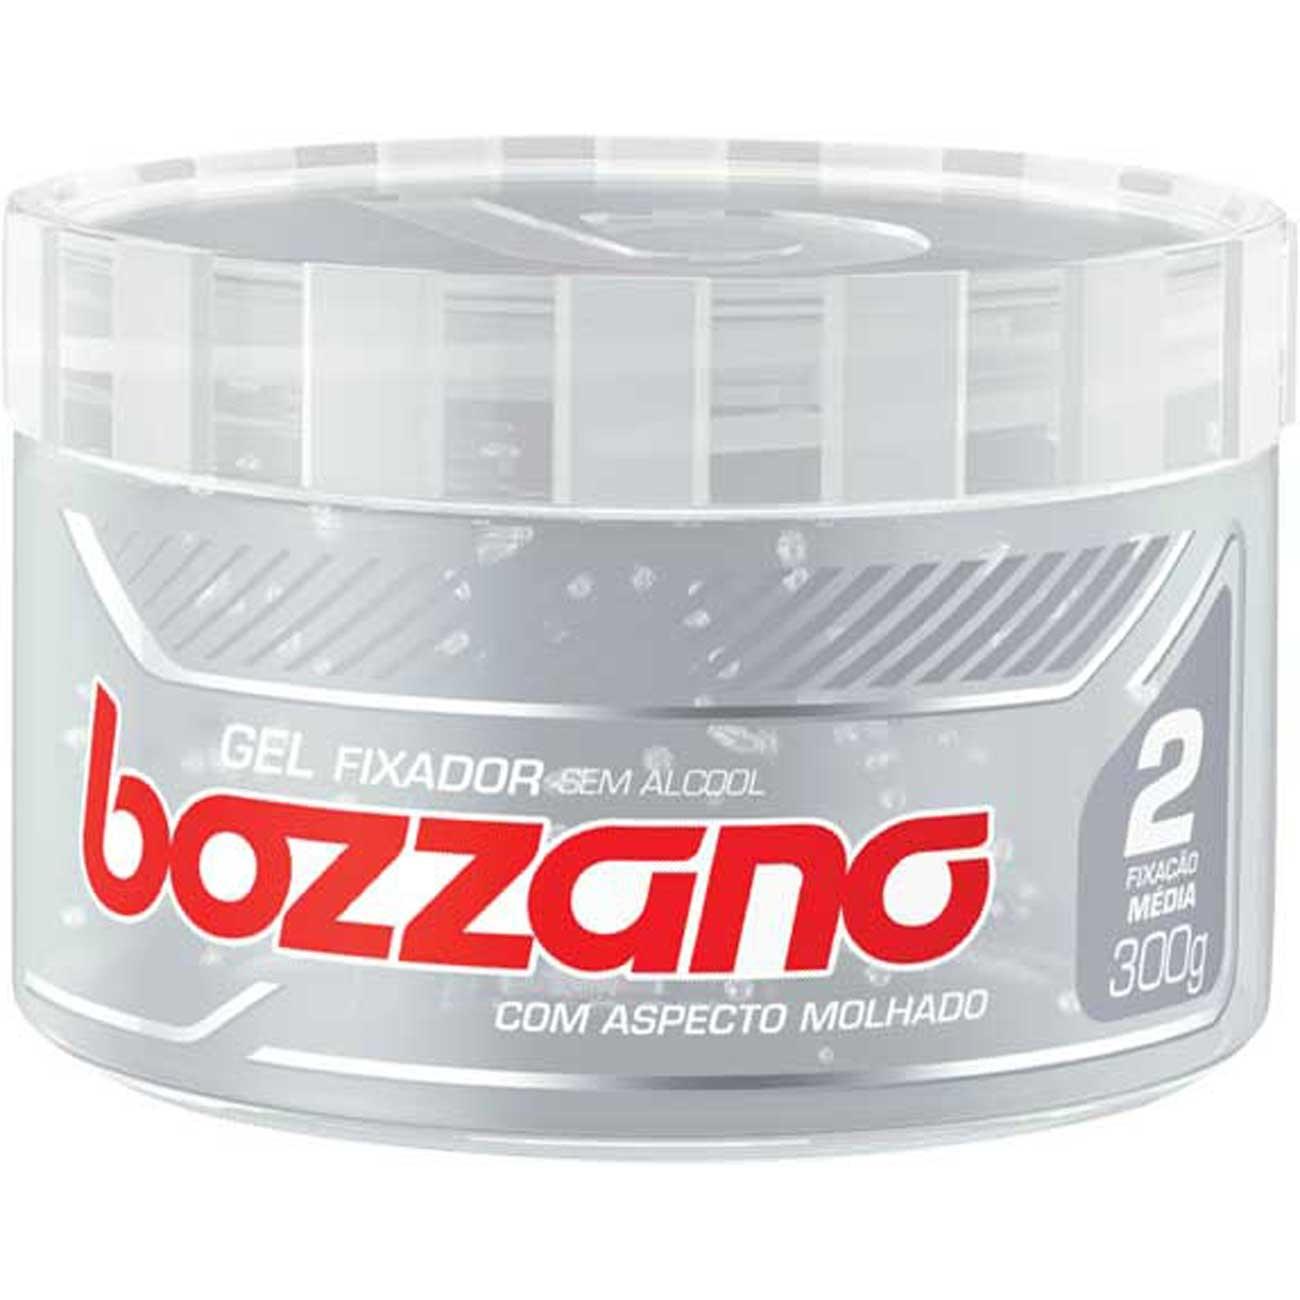 Gel Fixador Bozzano 300G Incolor Efeito Molhado